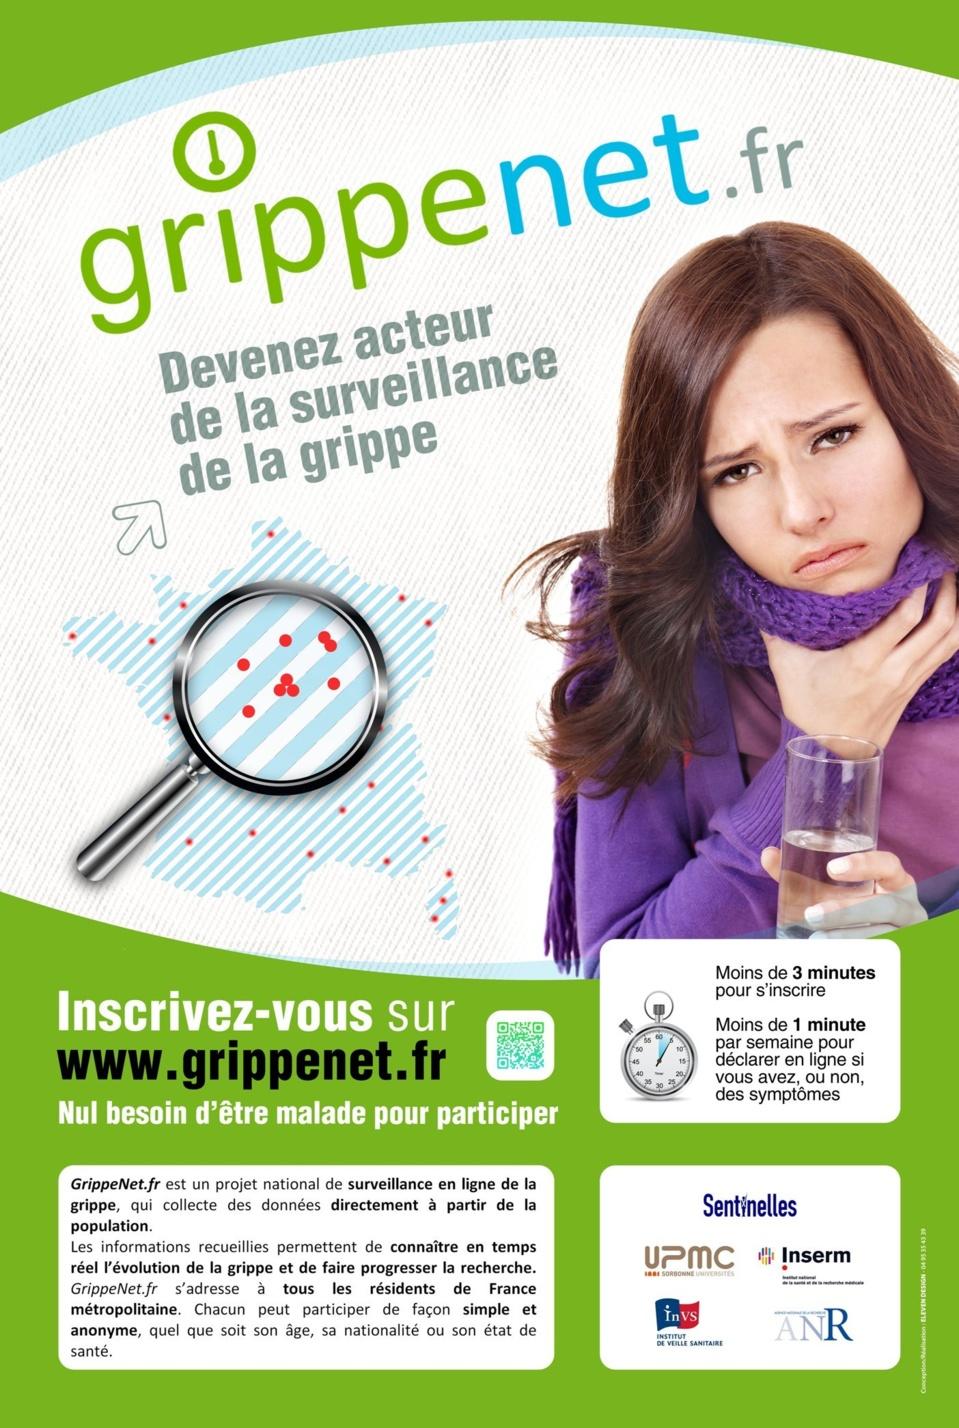 GrippeNet.fr : Devenez acteur de la surveillance de la grippe